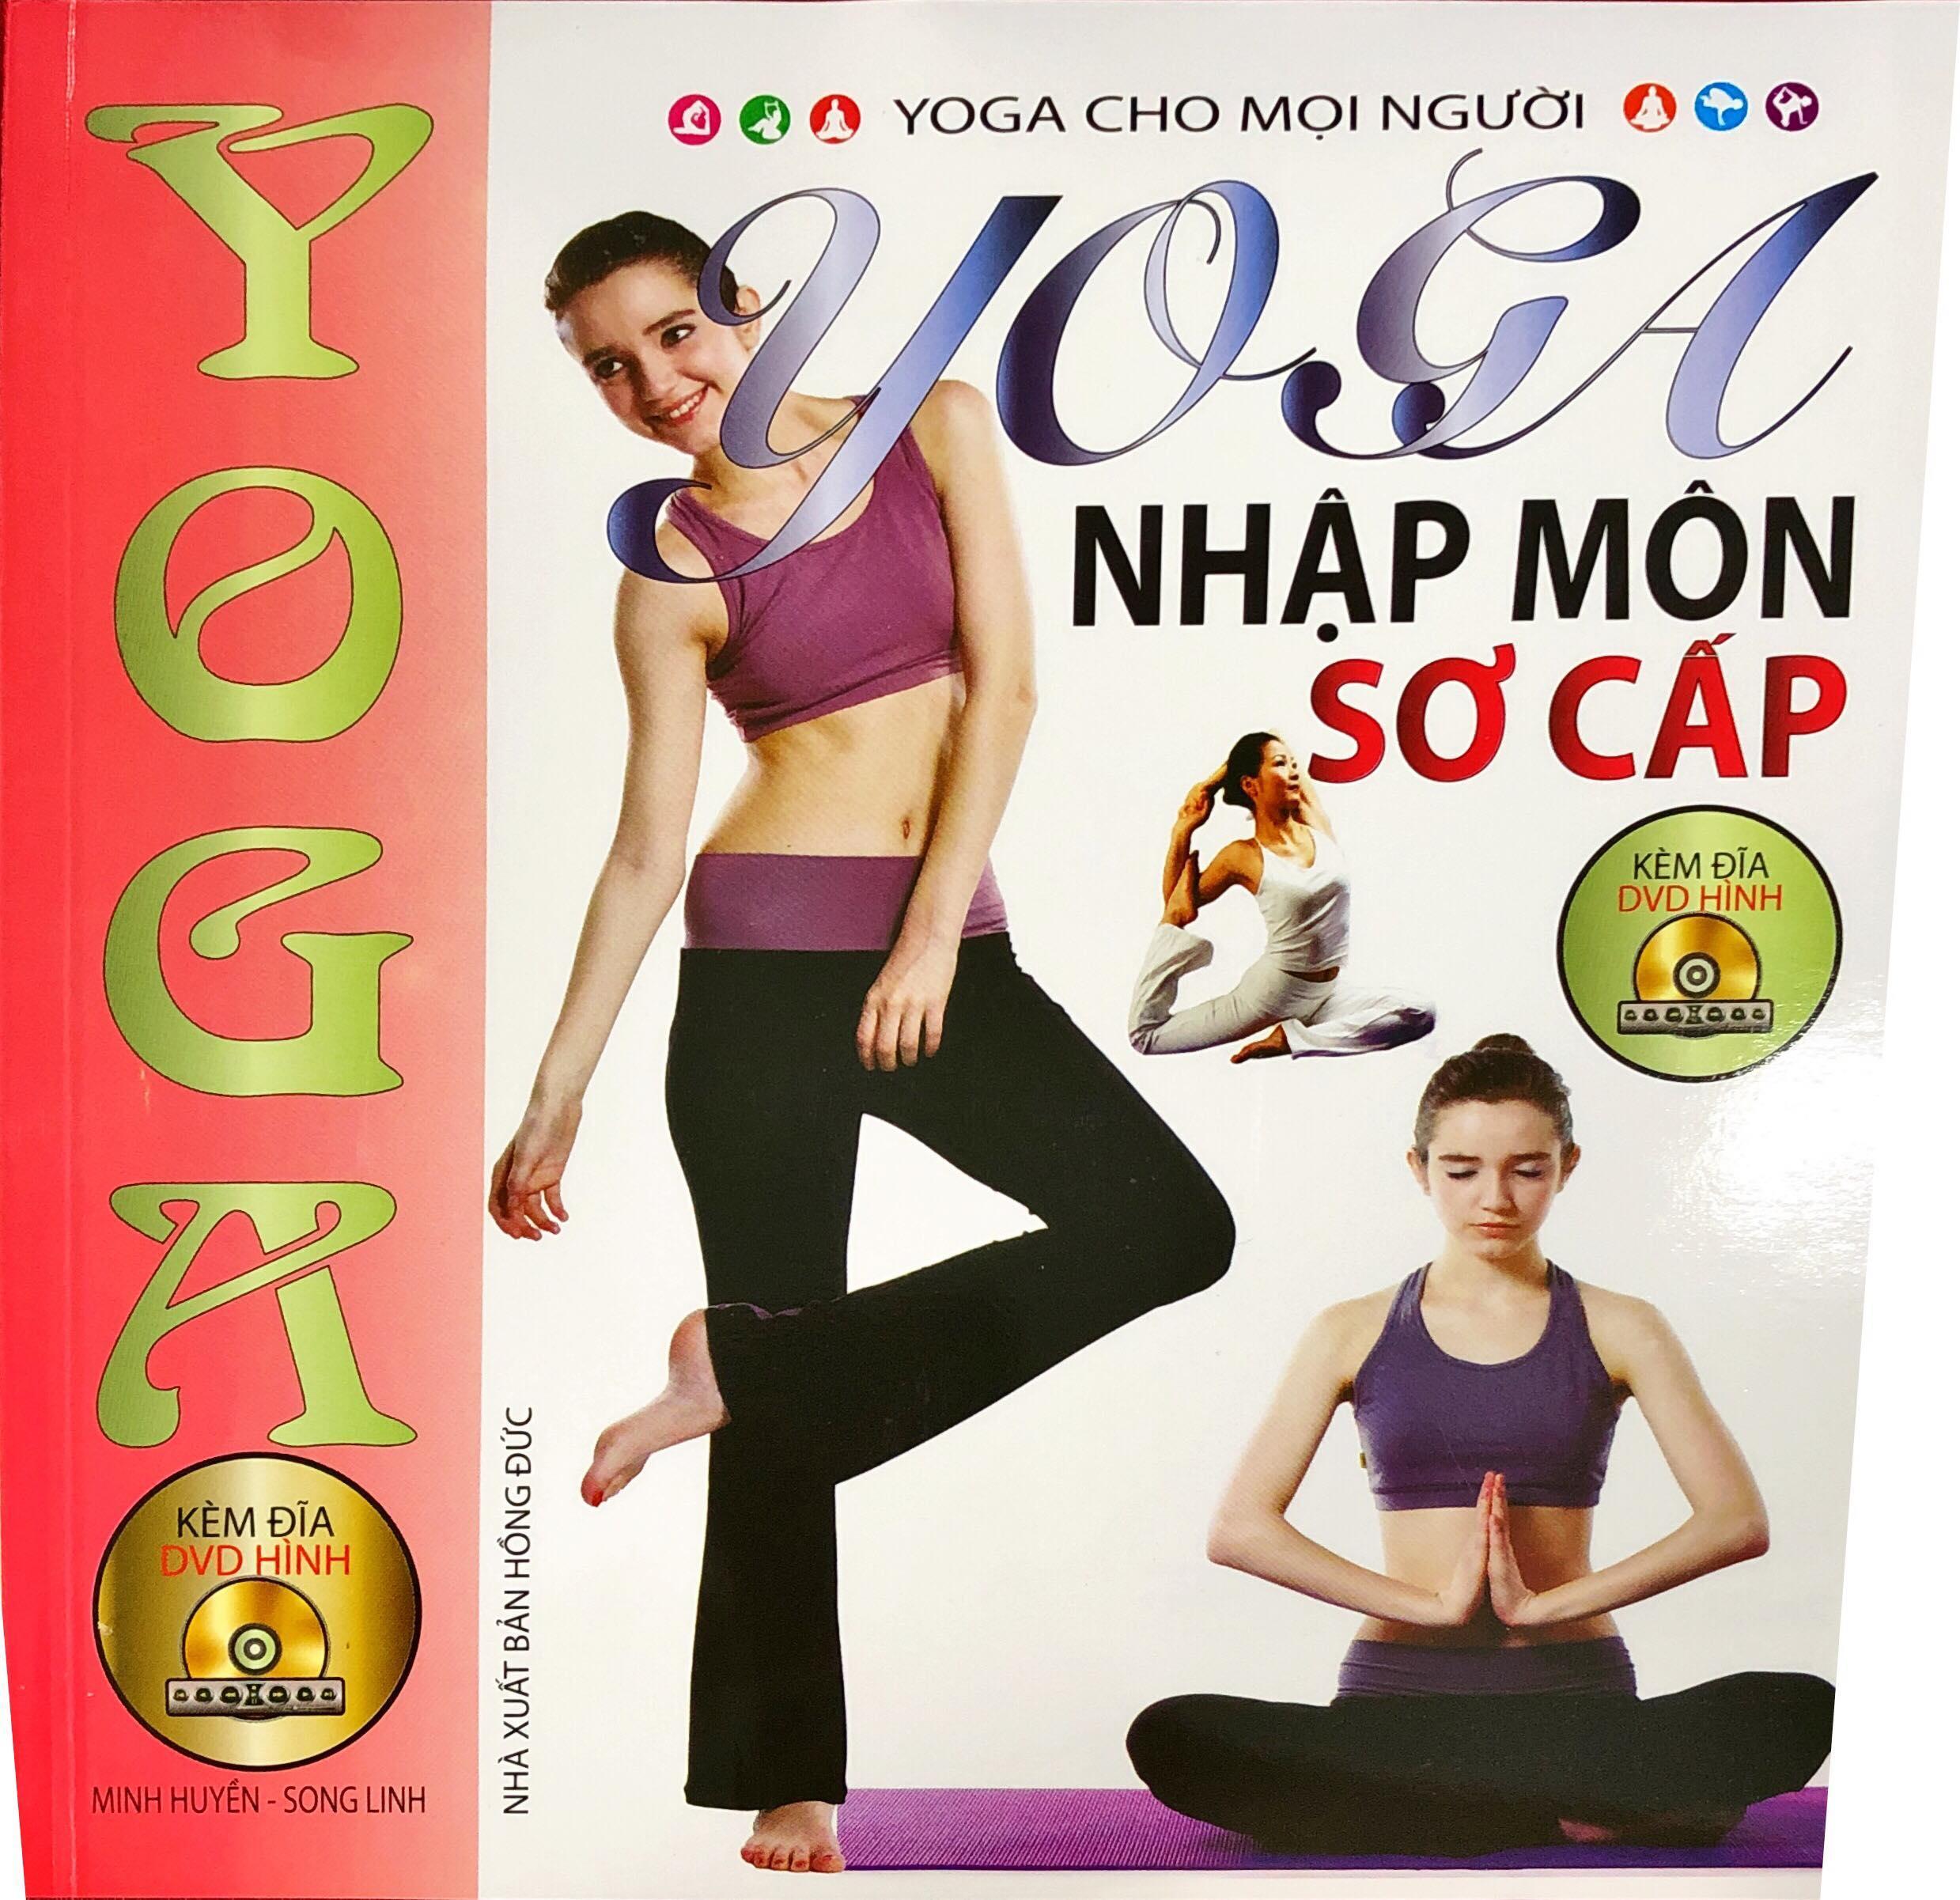 Mua SÁCH - Yoga Nhập Môn Sơ Cấp (Kèm Đĩa DVD Hình)